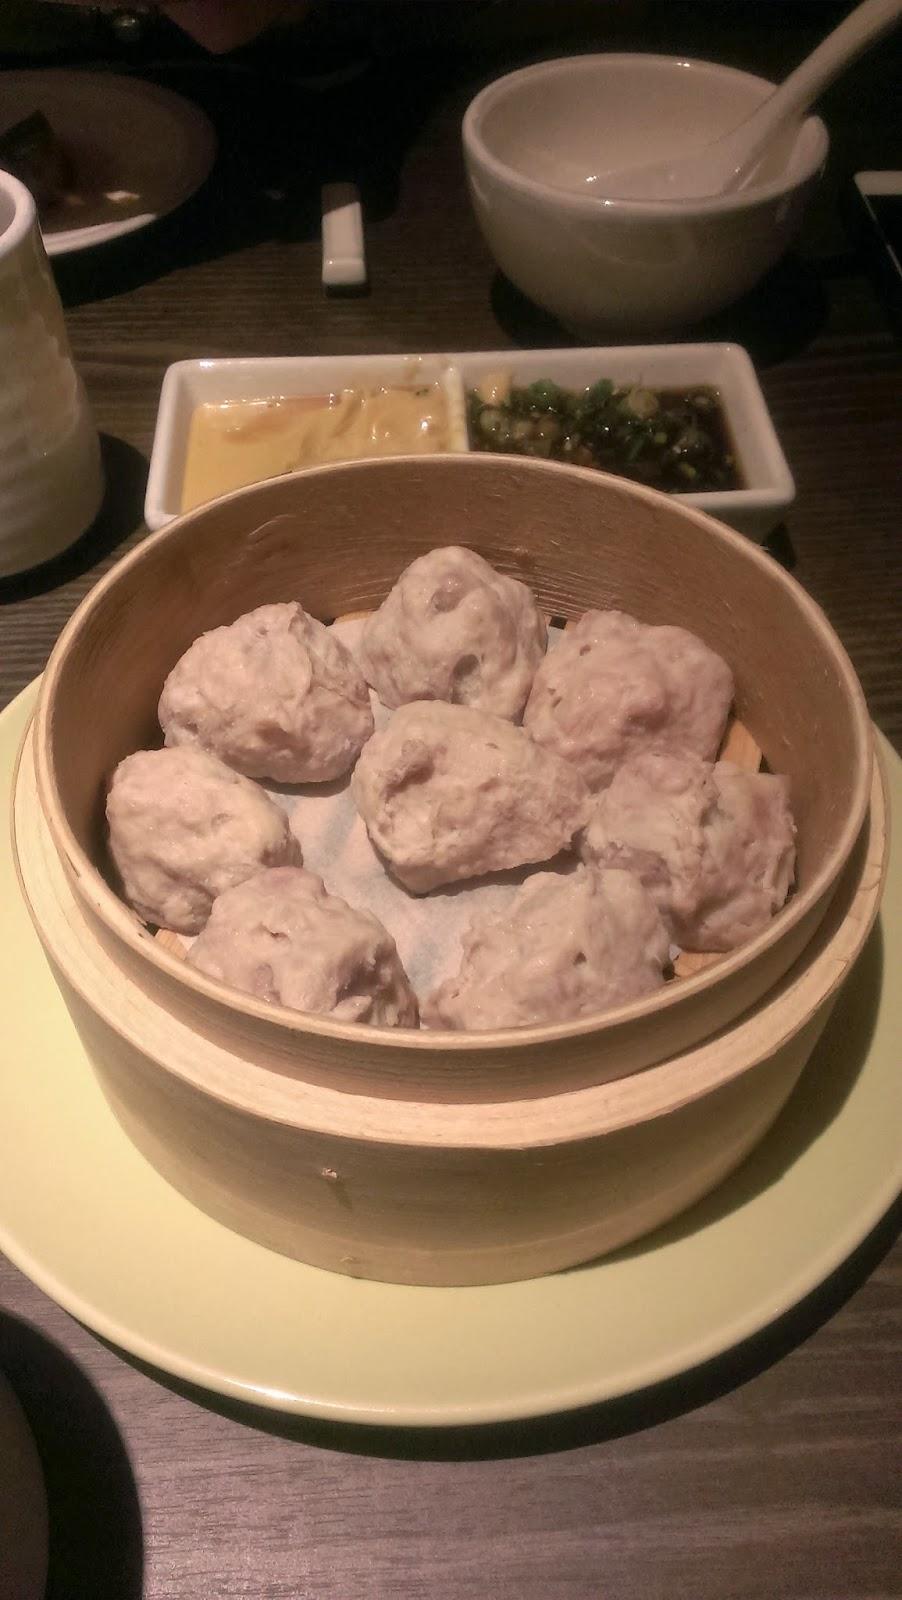 2014 11 08%2B18.58.31 - [食記] 香聚鍋 - 高價、精緻的火鍋,食材新鮮多樣適合好久不見的小聚